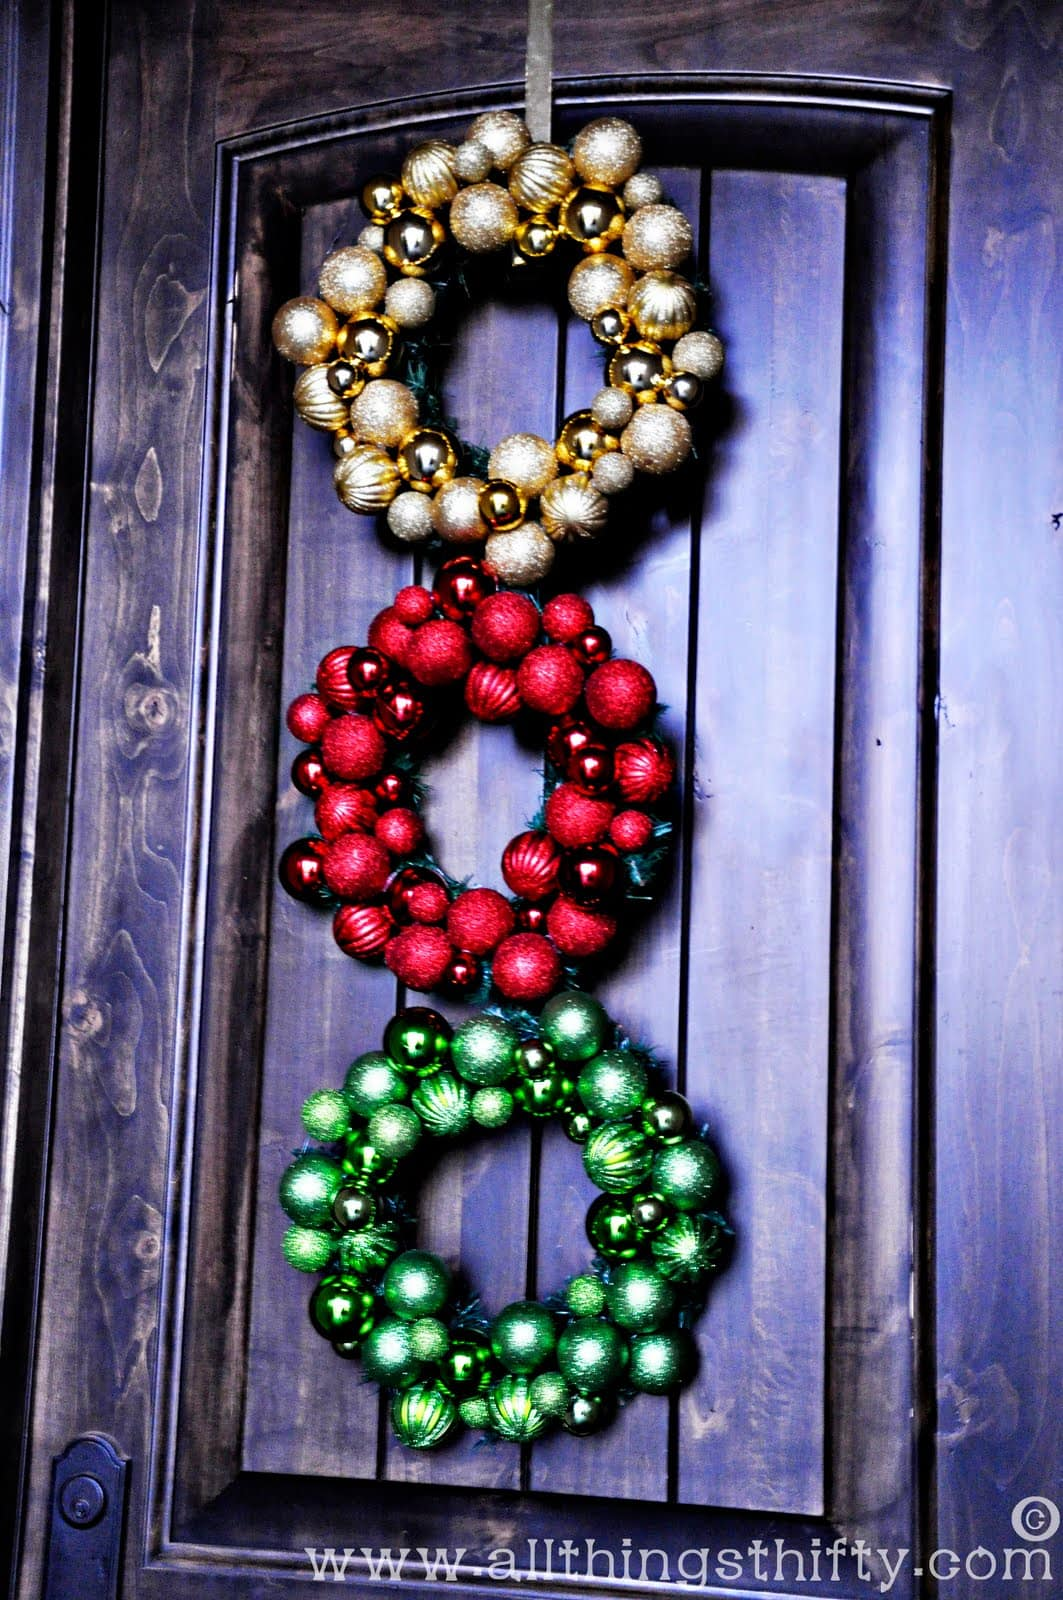 25+ Christmas Decor Ideas - tons of very cute and creative decor ideas for Christmas! { lilluna.com }